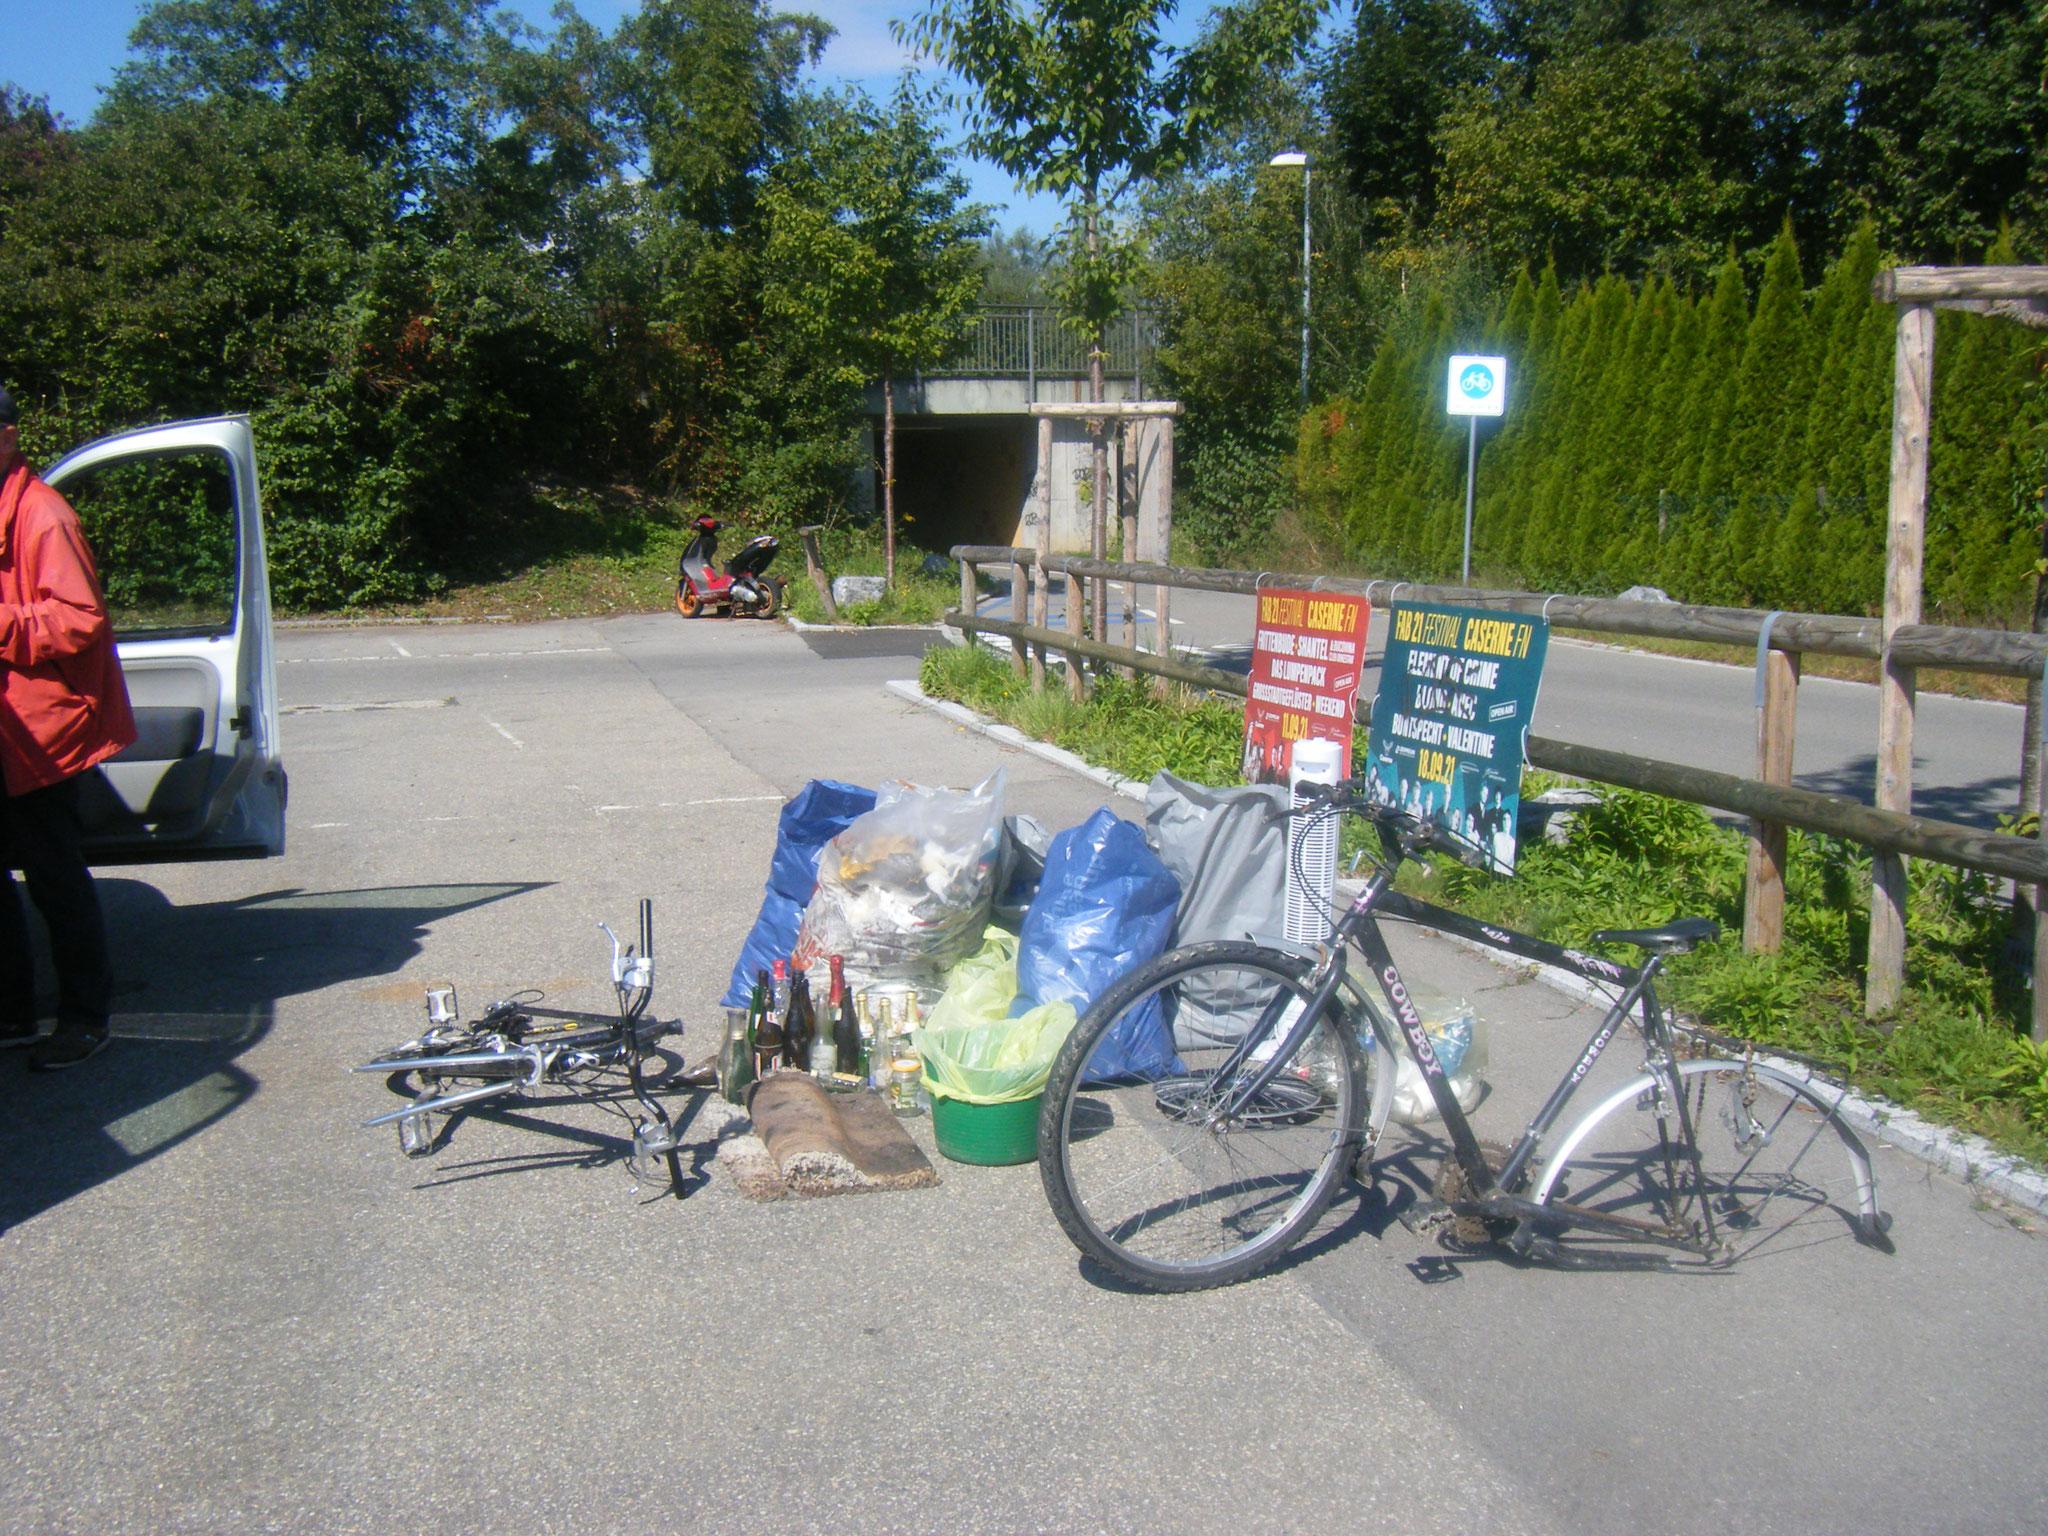 1 Roller, 2 Fahrräder, 5 Müllsäcke, etliche Flaschen, Elektrogeräte und diverser Müll in der Umgebung der Rotach